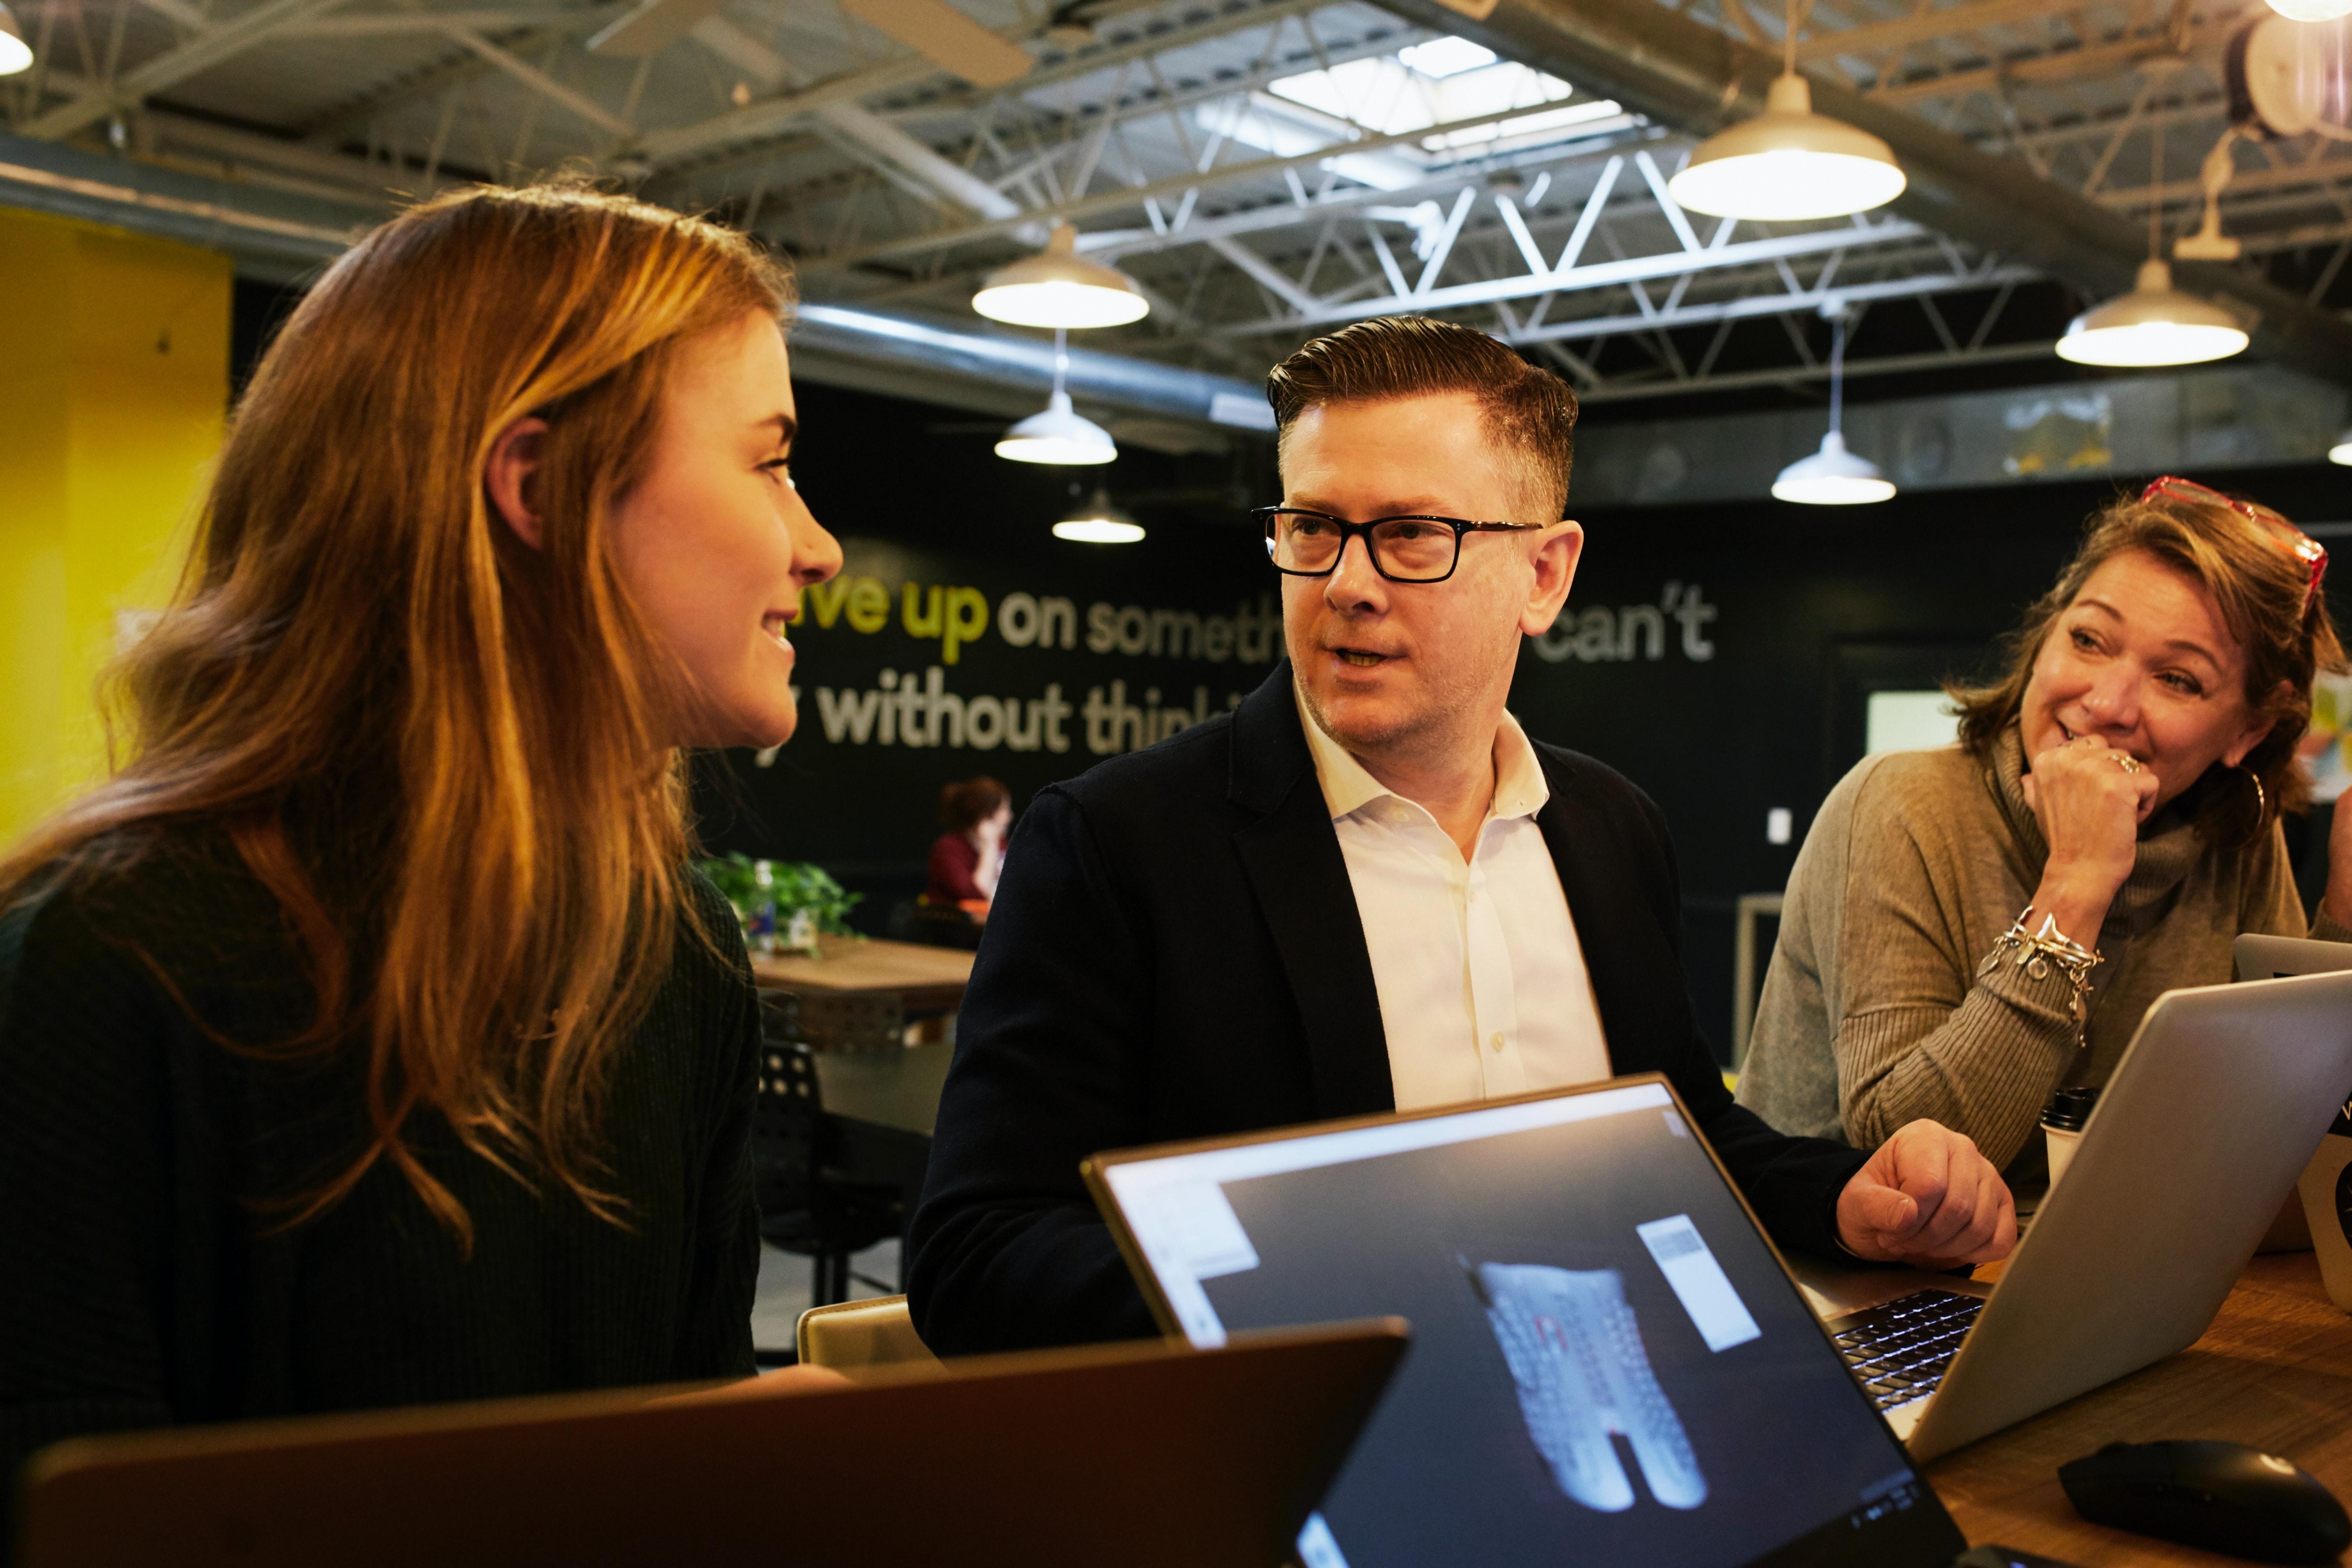 Kiitos työelämässä - Photo by LinkedIn Sales Navigator on Unsplash